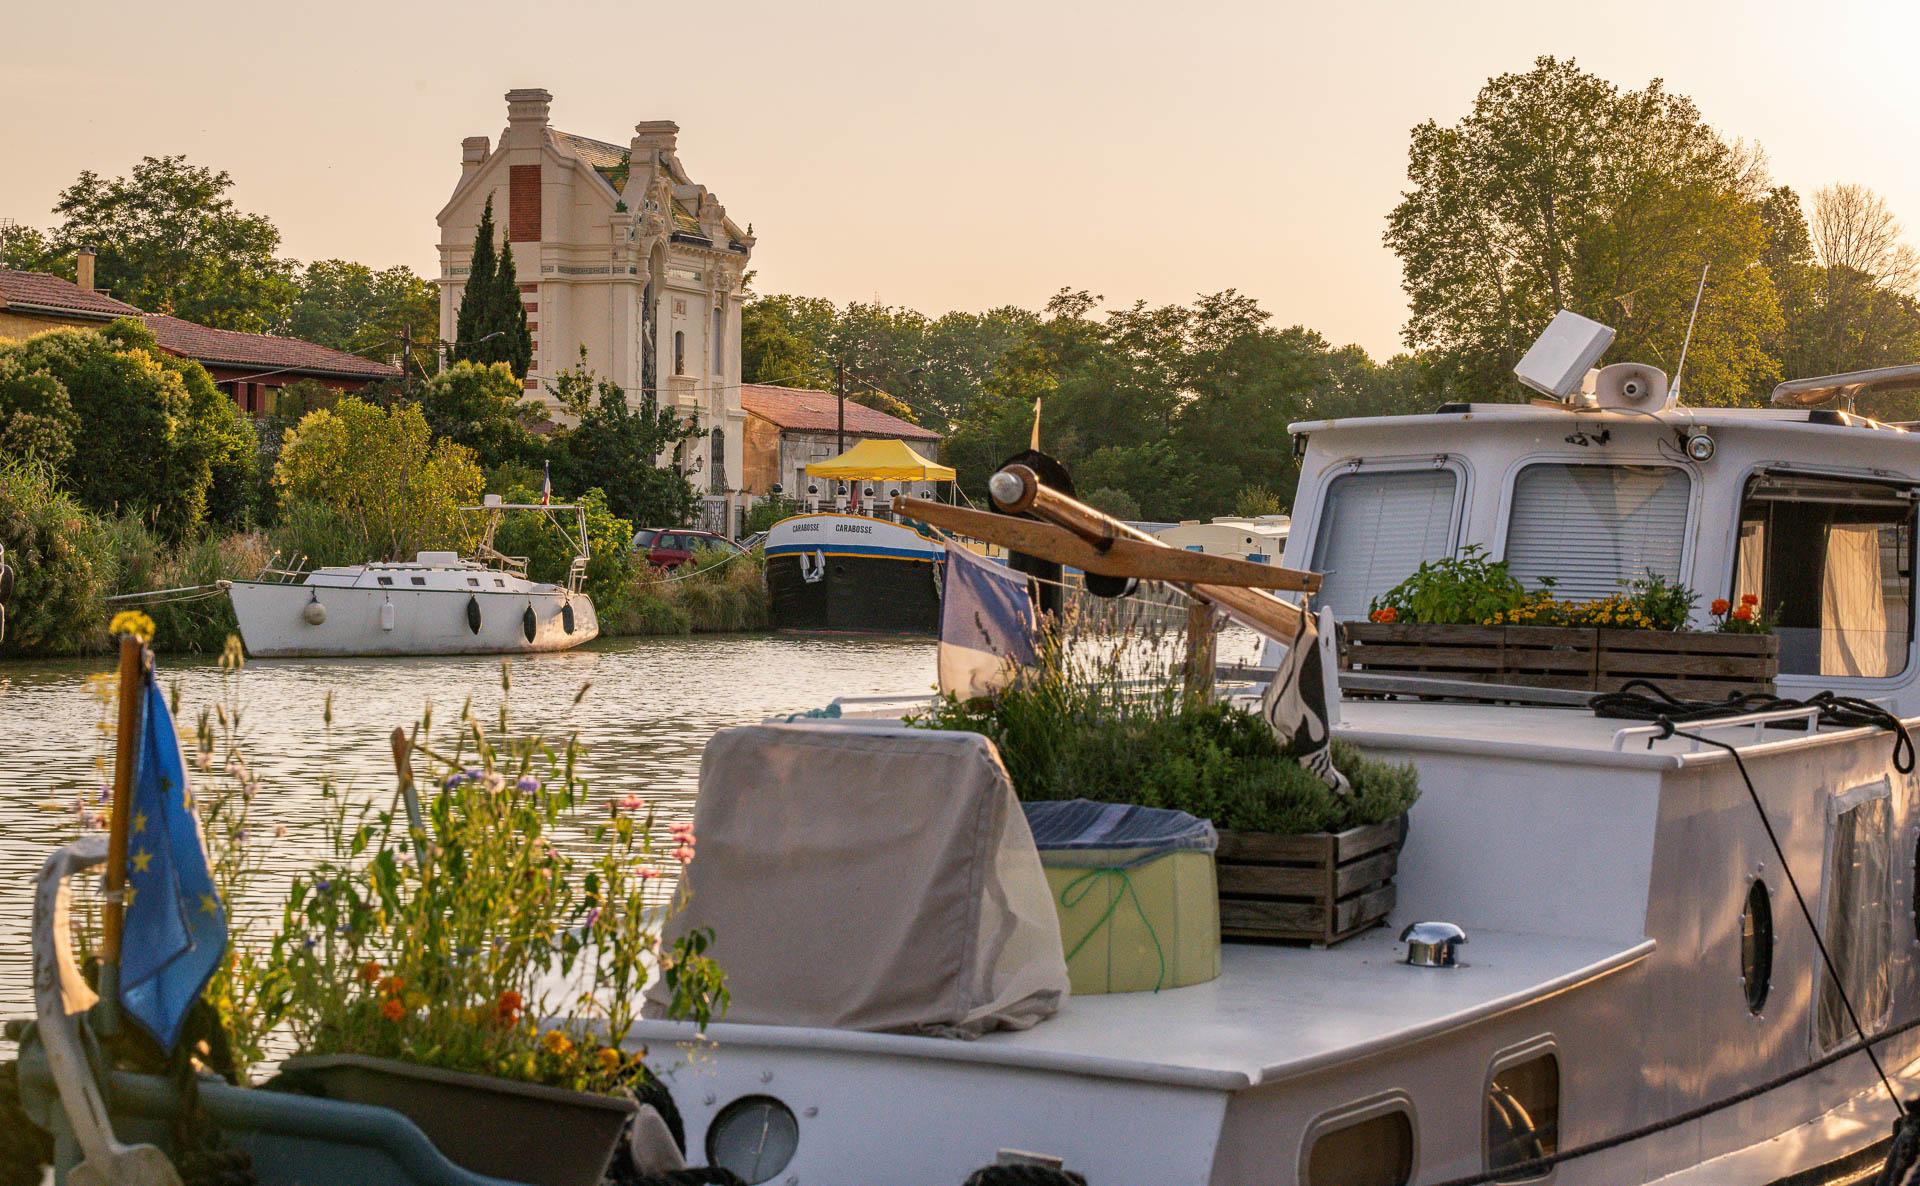 Patrimoine Béziers - Canal du Midi - Sandra Bérénice Michel (5)